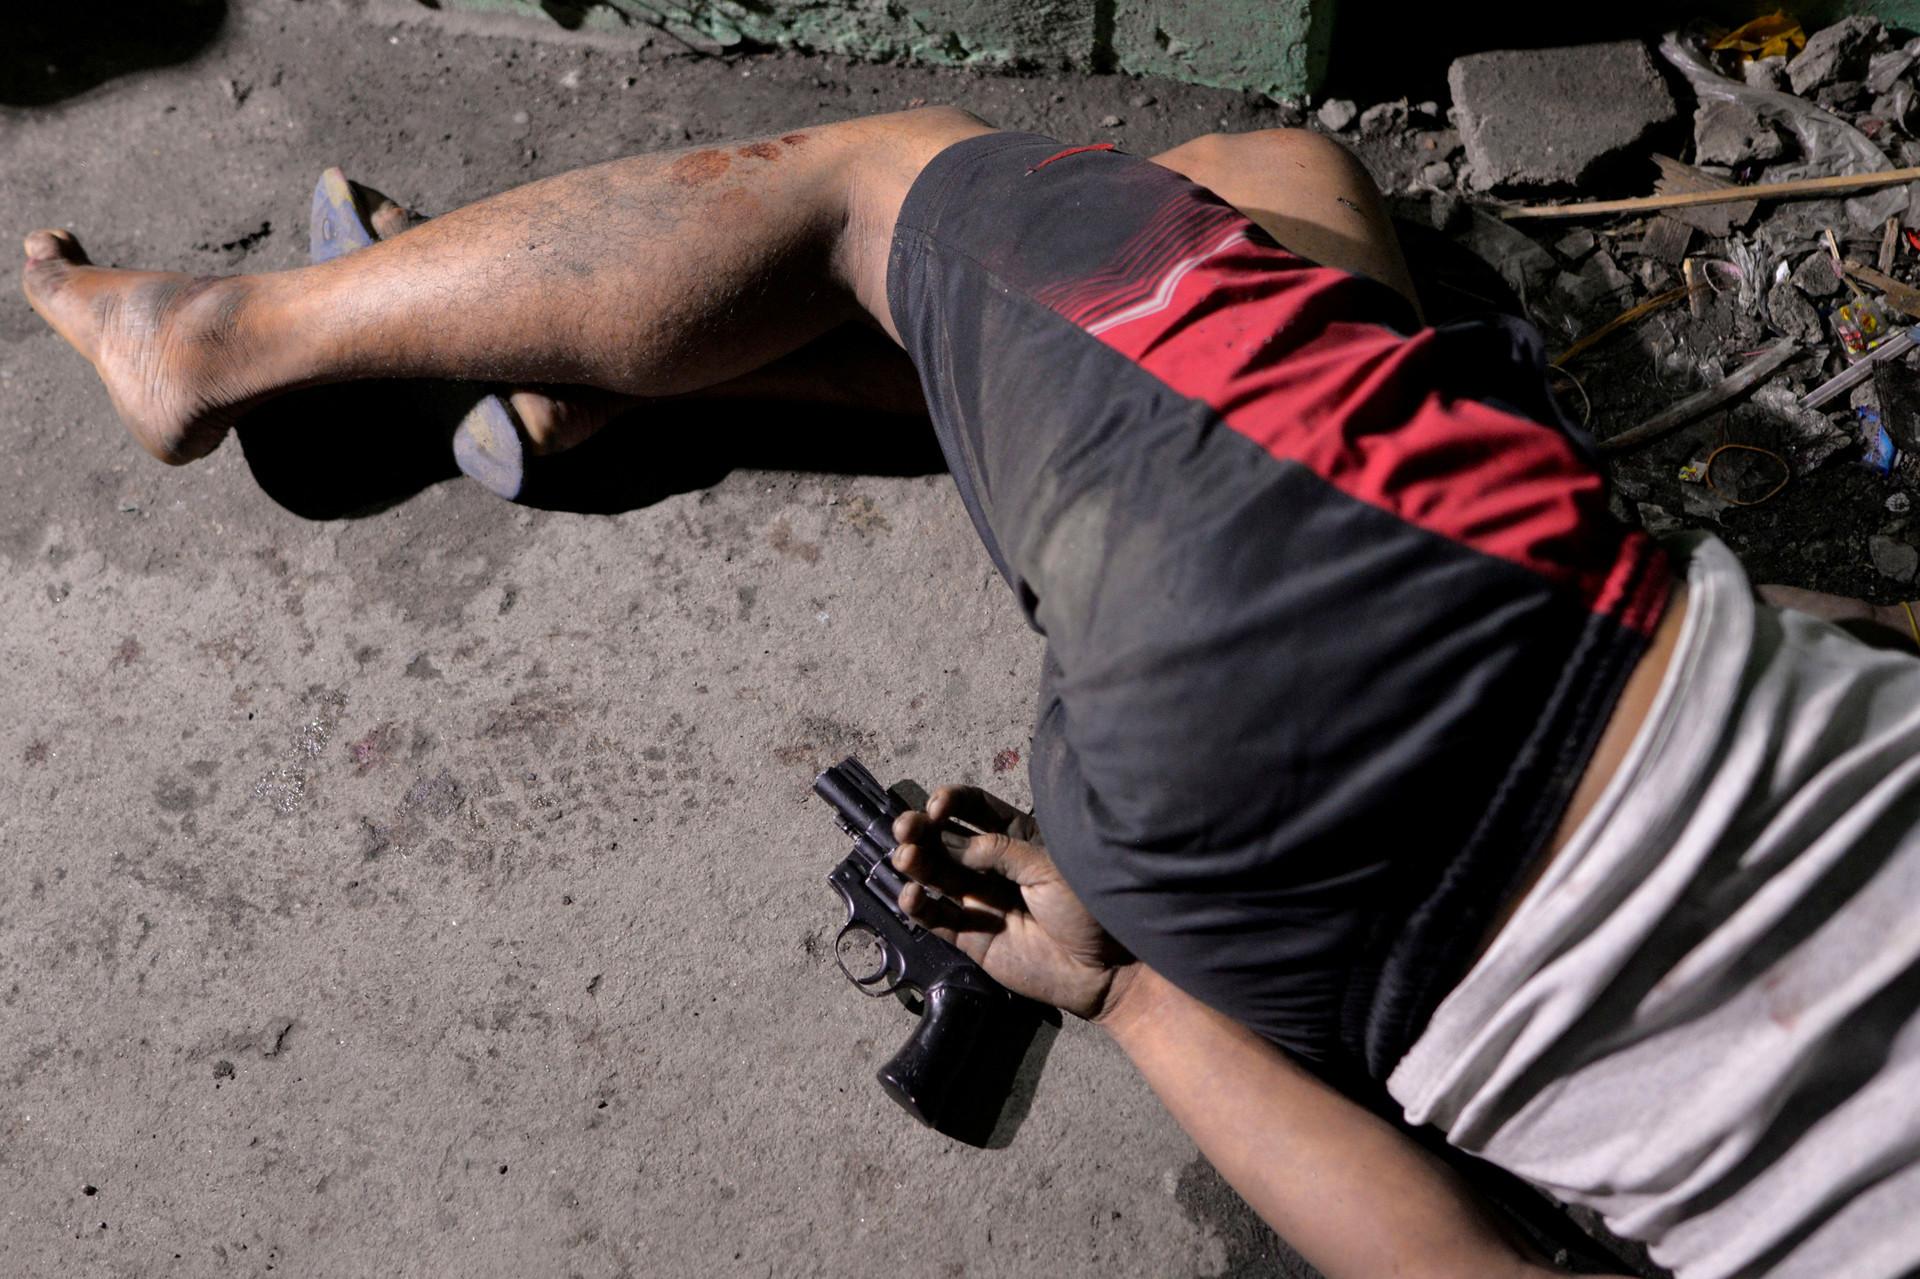 El cadáver de un presunto narcotraficante abatido durante la operación 'Shabu' (metanfetamina) en Manila, el 18 de agosto de 2016